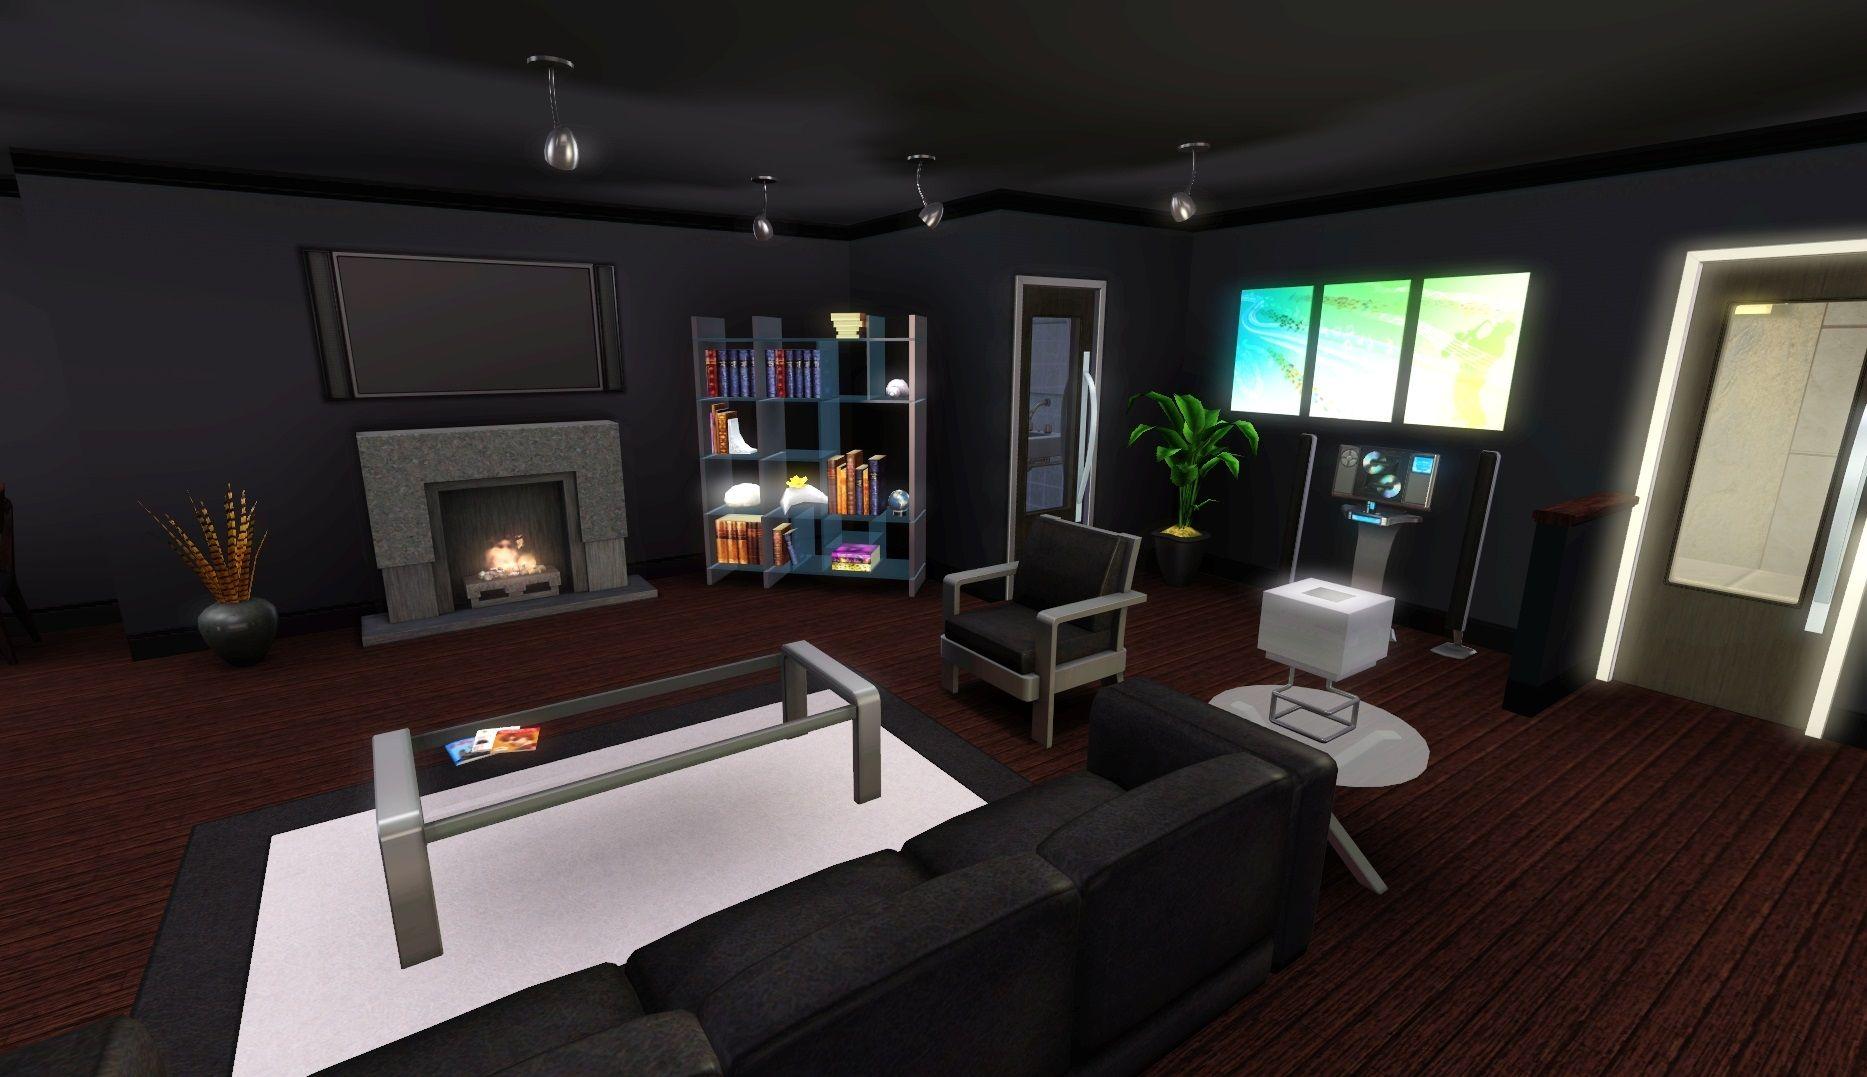 barney stinson apartment Google Search Small apartment